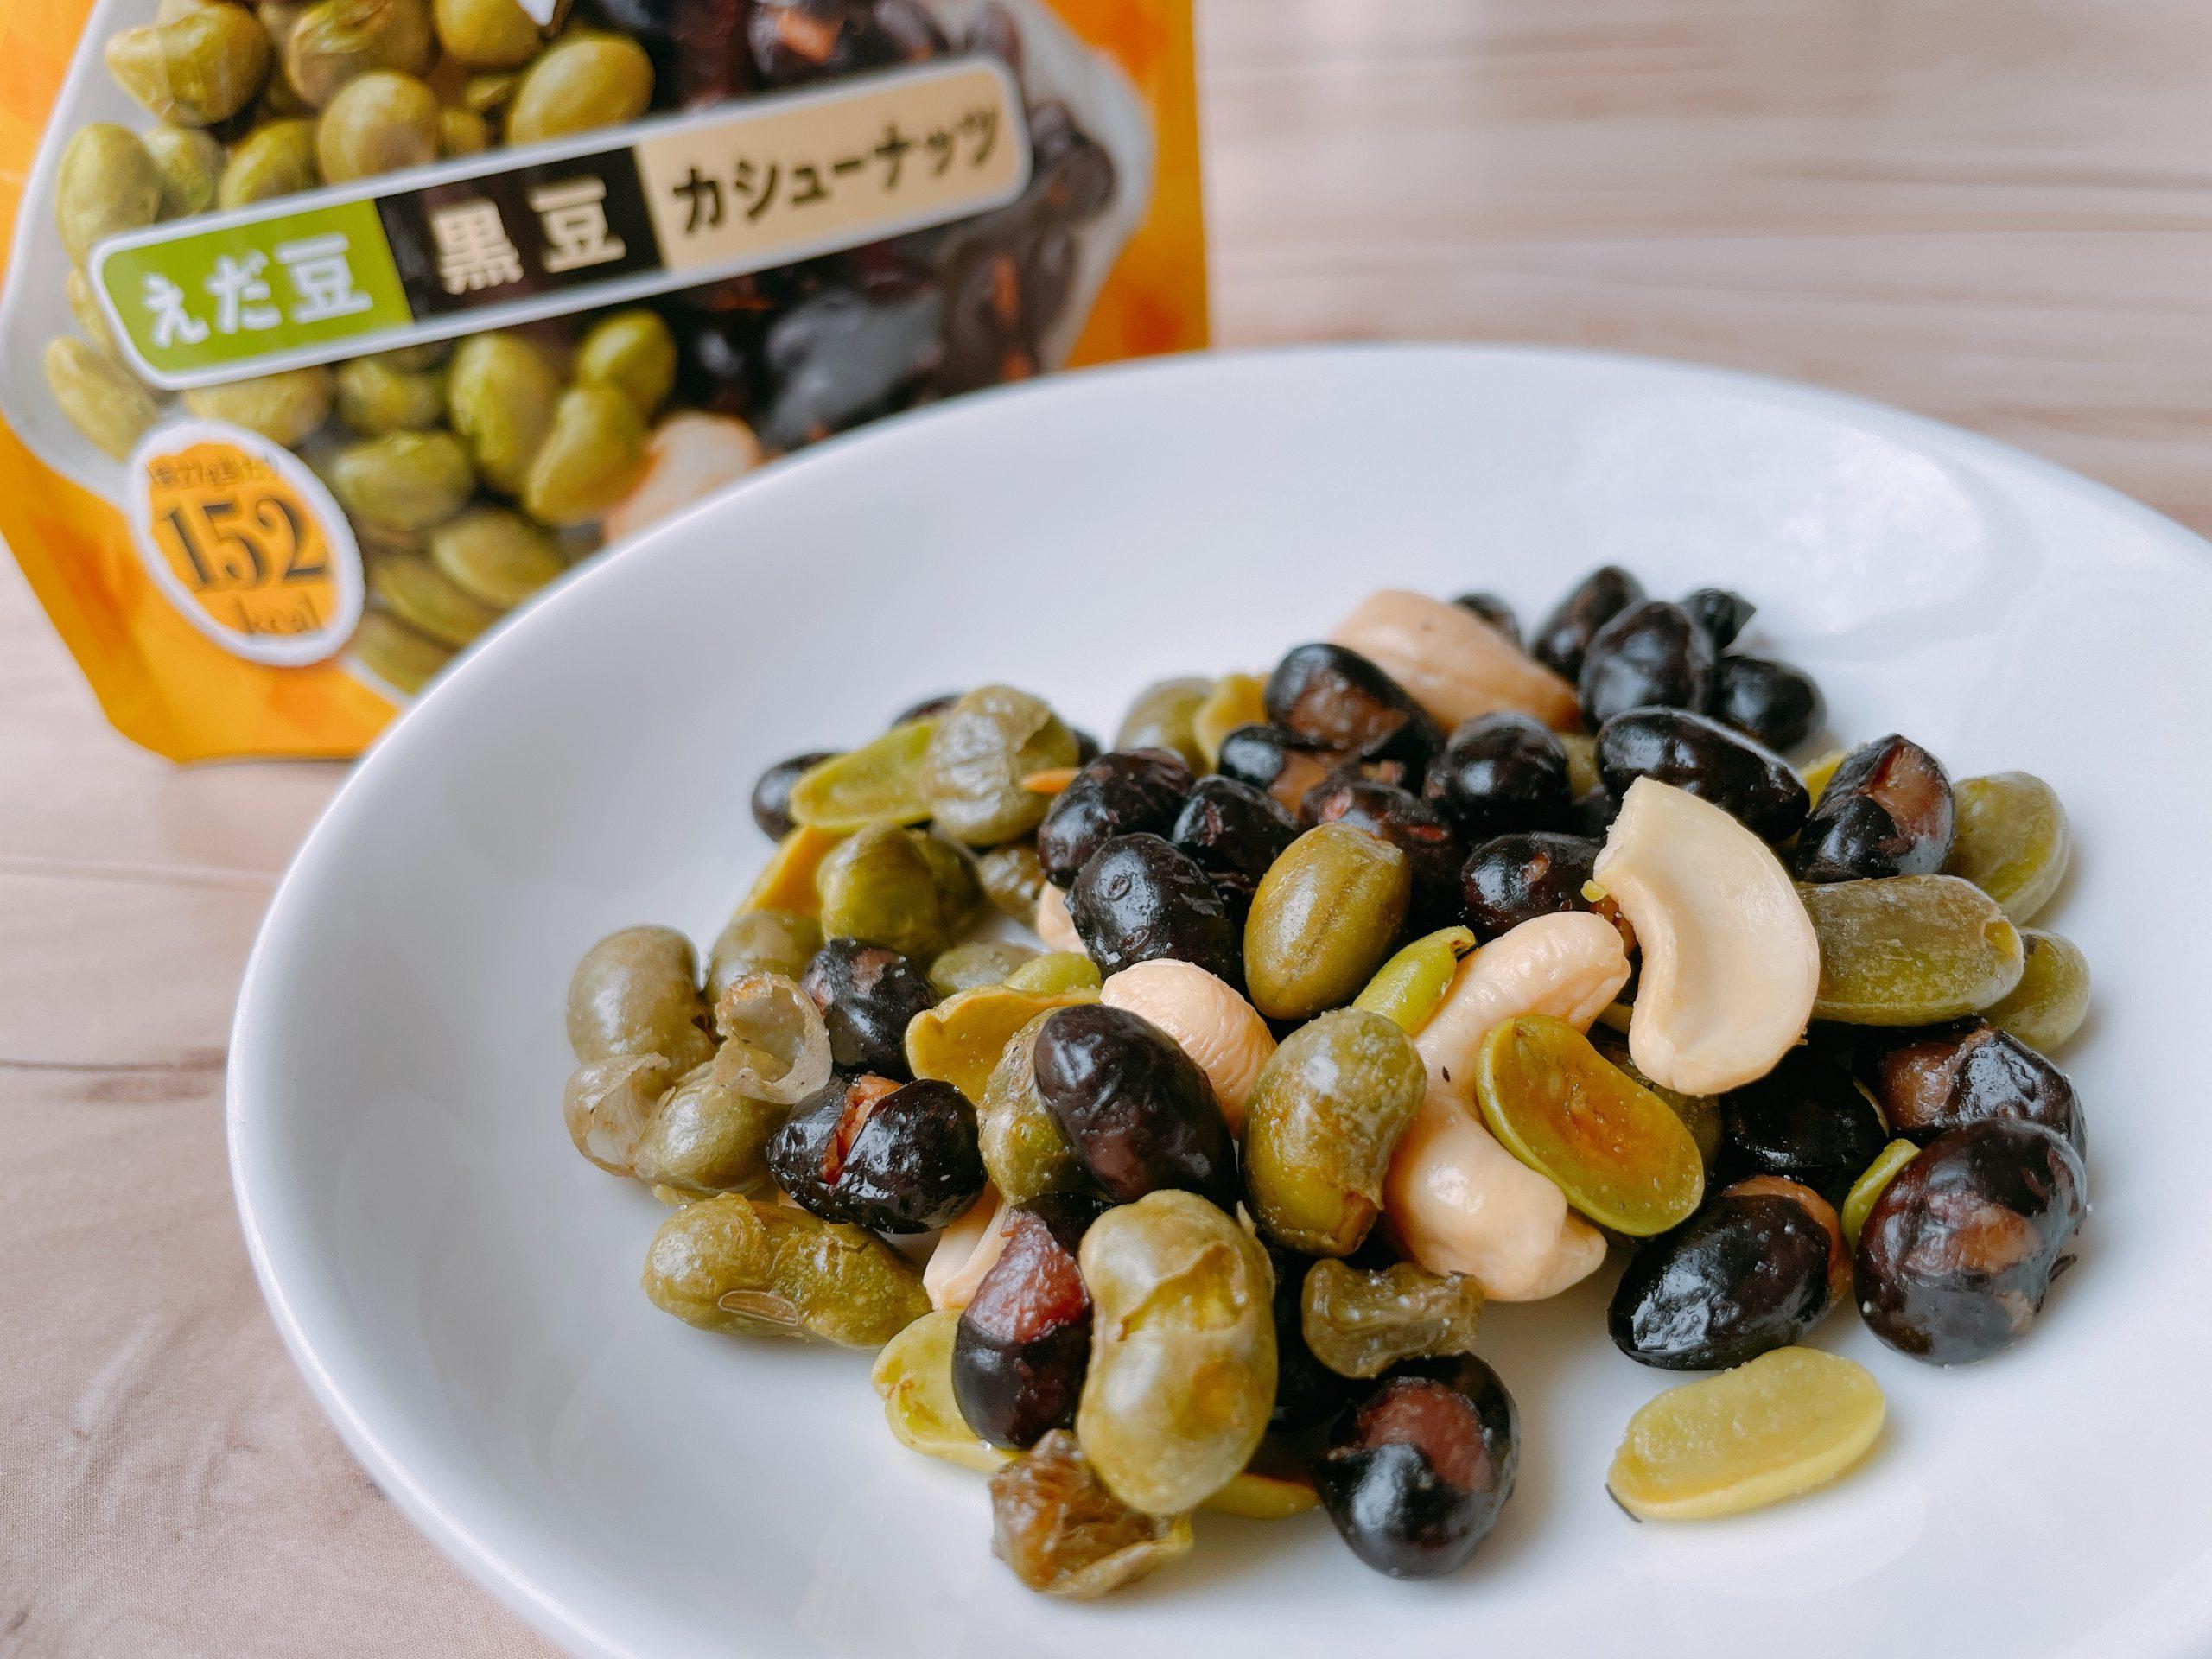 カルビーのミーノミックス えだ豆・黒豆・カシューナッツは、混ざってもそれぞれが美味しい